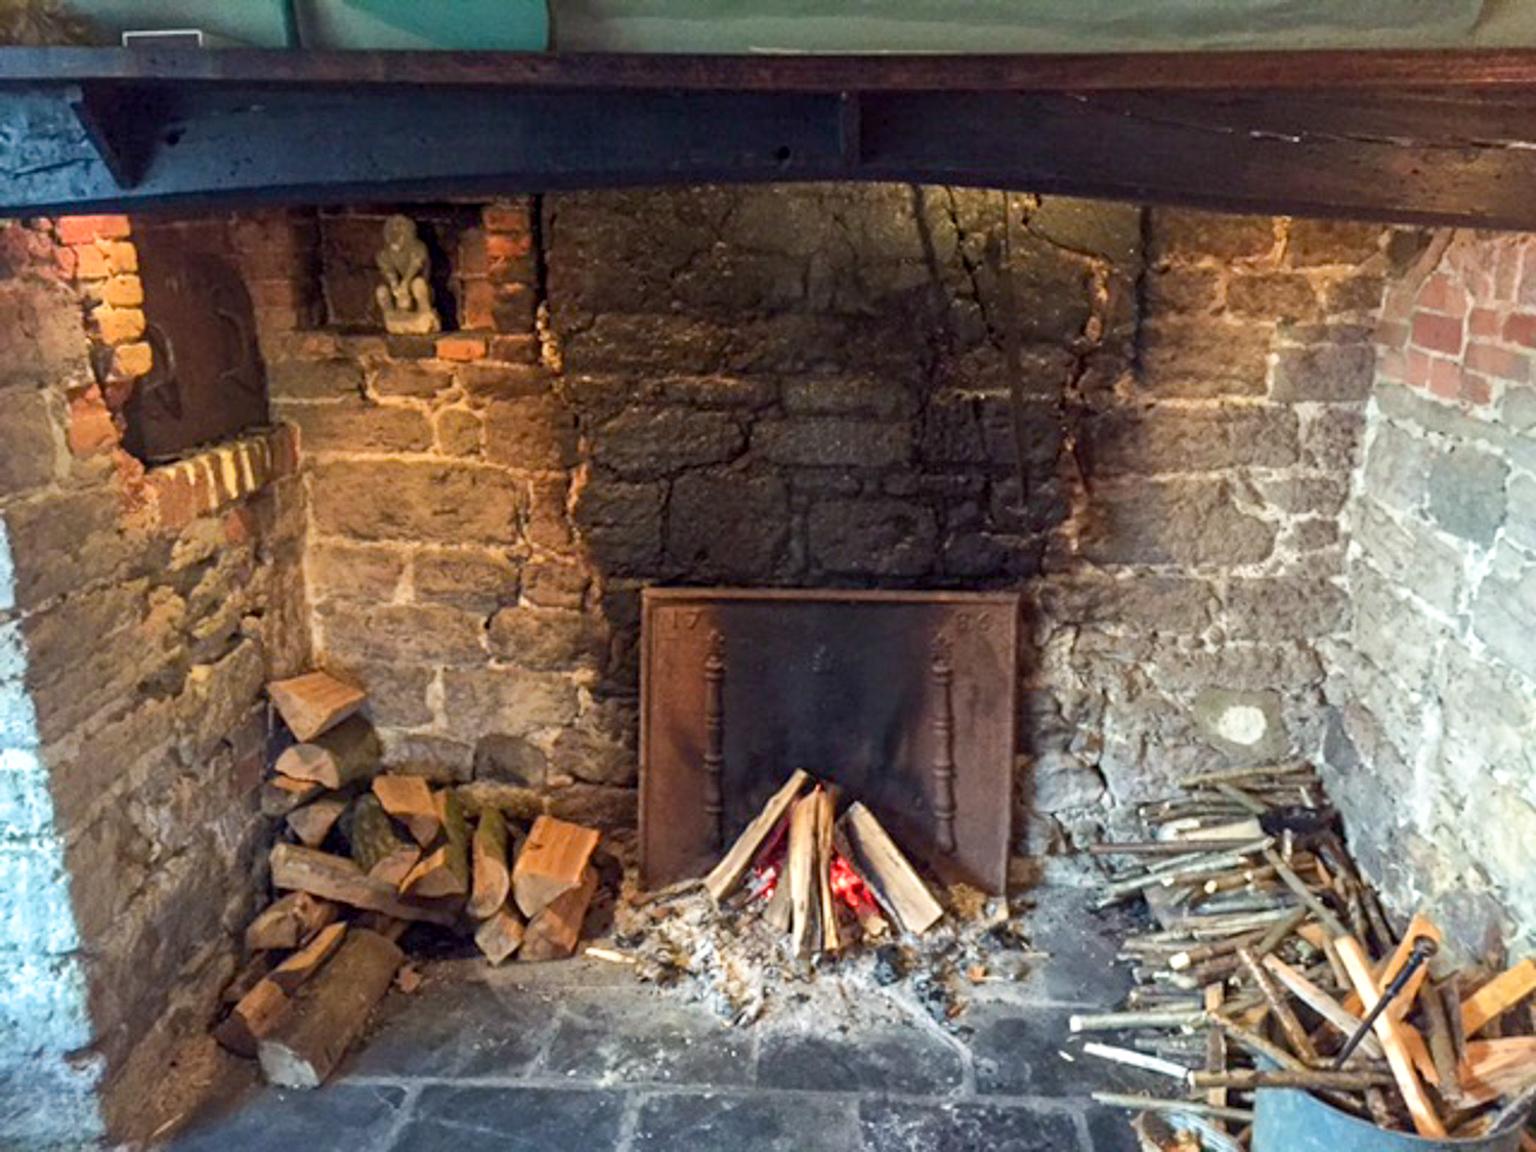 Pulborough: Plaque de cheminée délivré par https://www.plaque-de-cheminee.fr